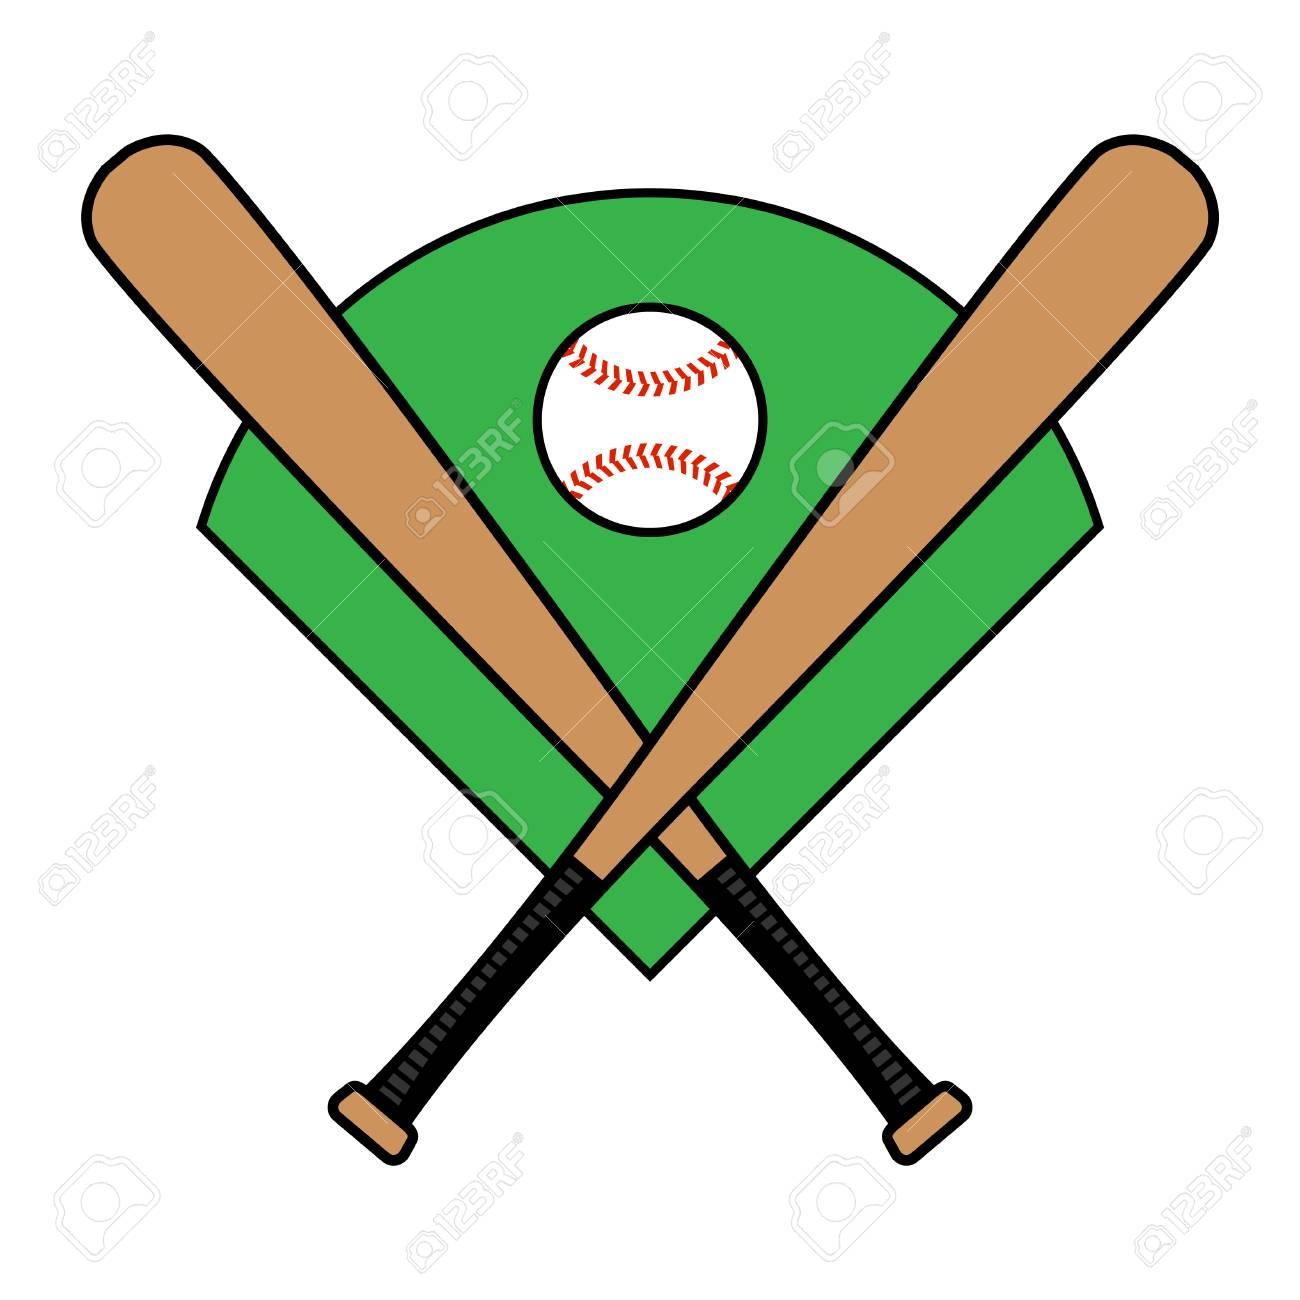 baseball bat vector icon royalty free cliparts vectors and stock rh 123rf com vector baseball bat free reebok vector o baseball bat